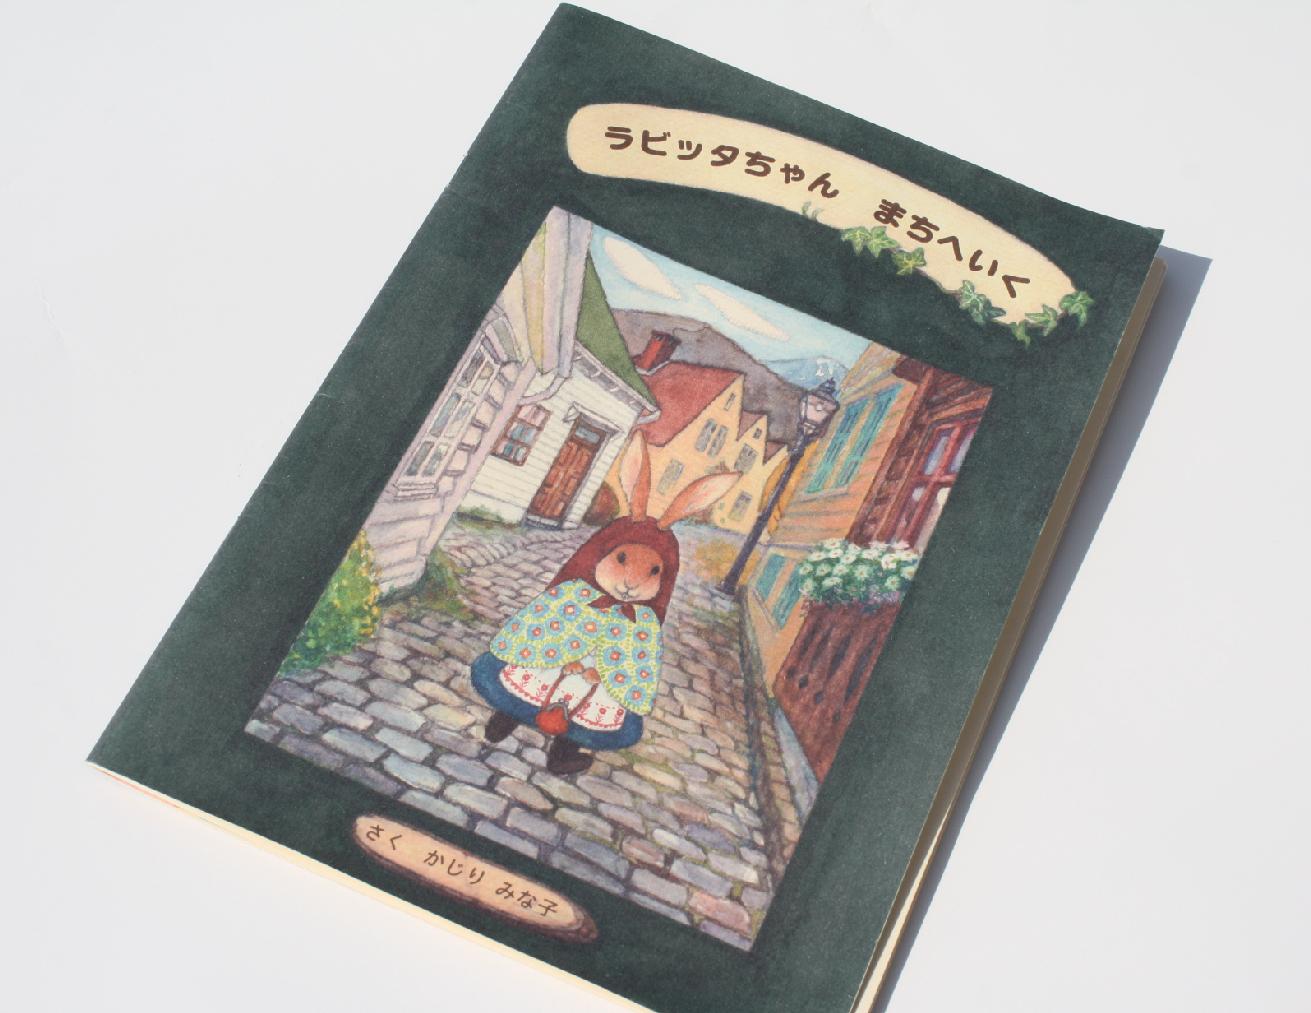 私家版絵本「ラビッタちゃんまちへいく」の表紙。レンガの道をラビッタちゃんが歩いている。